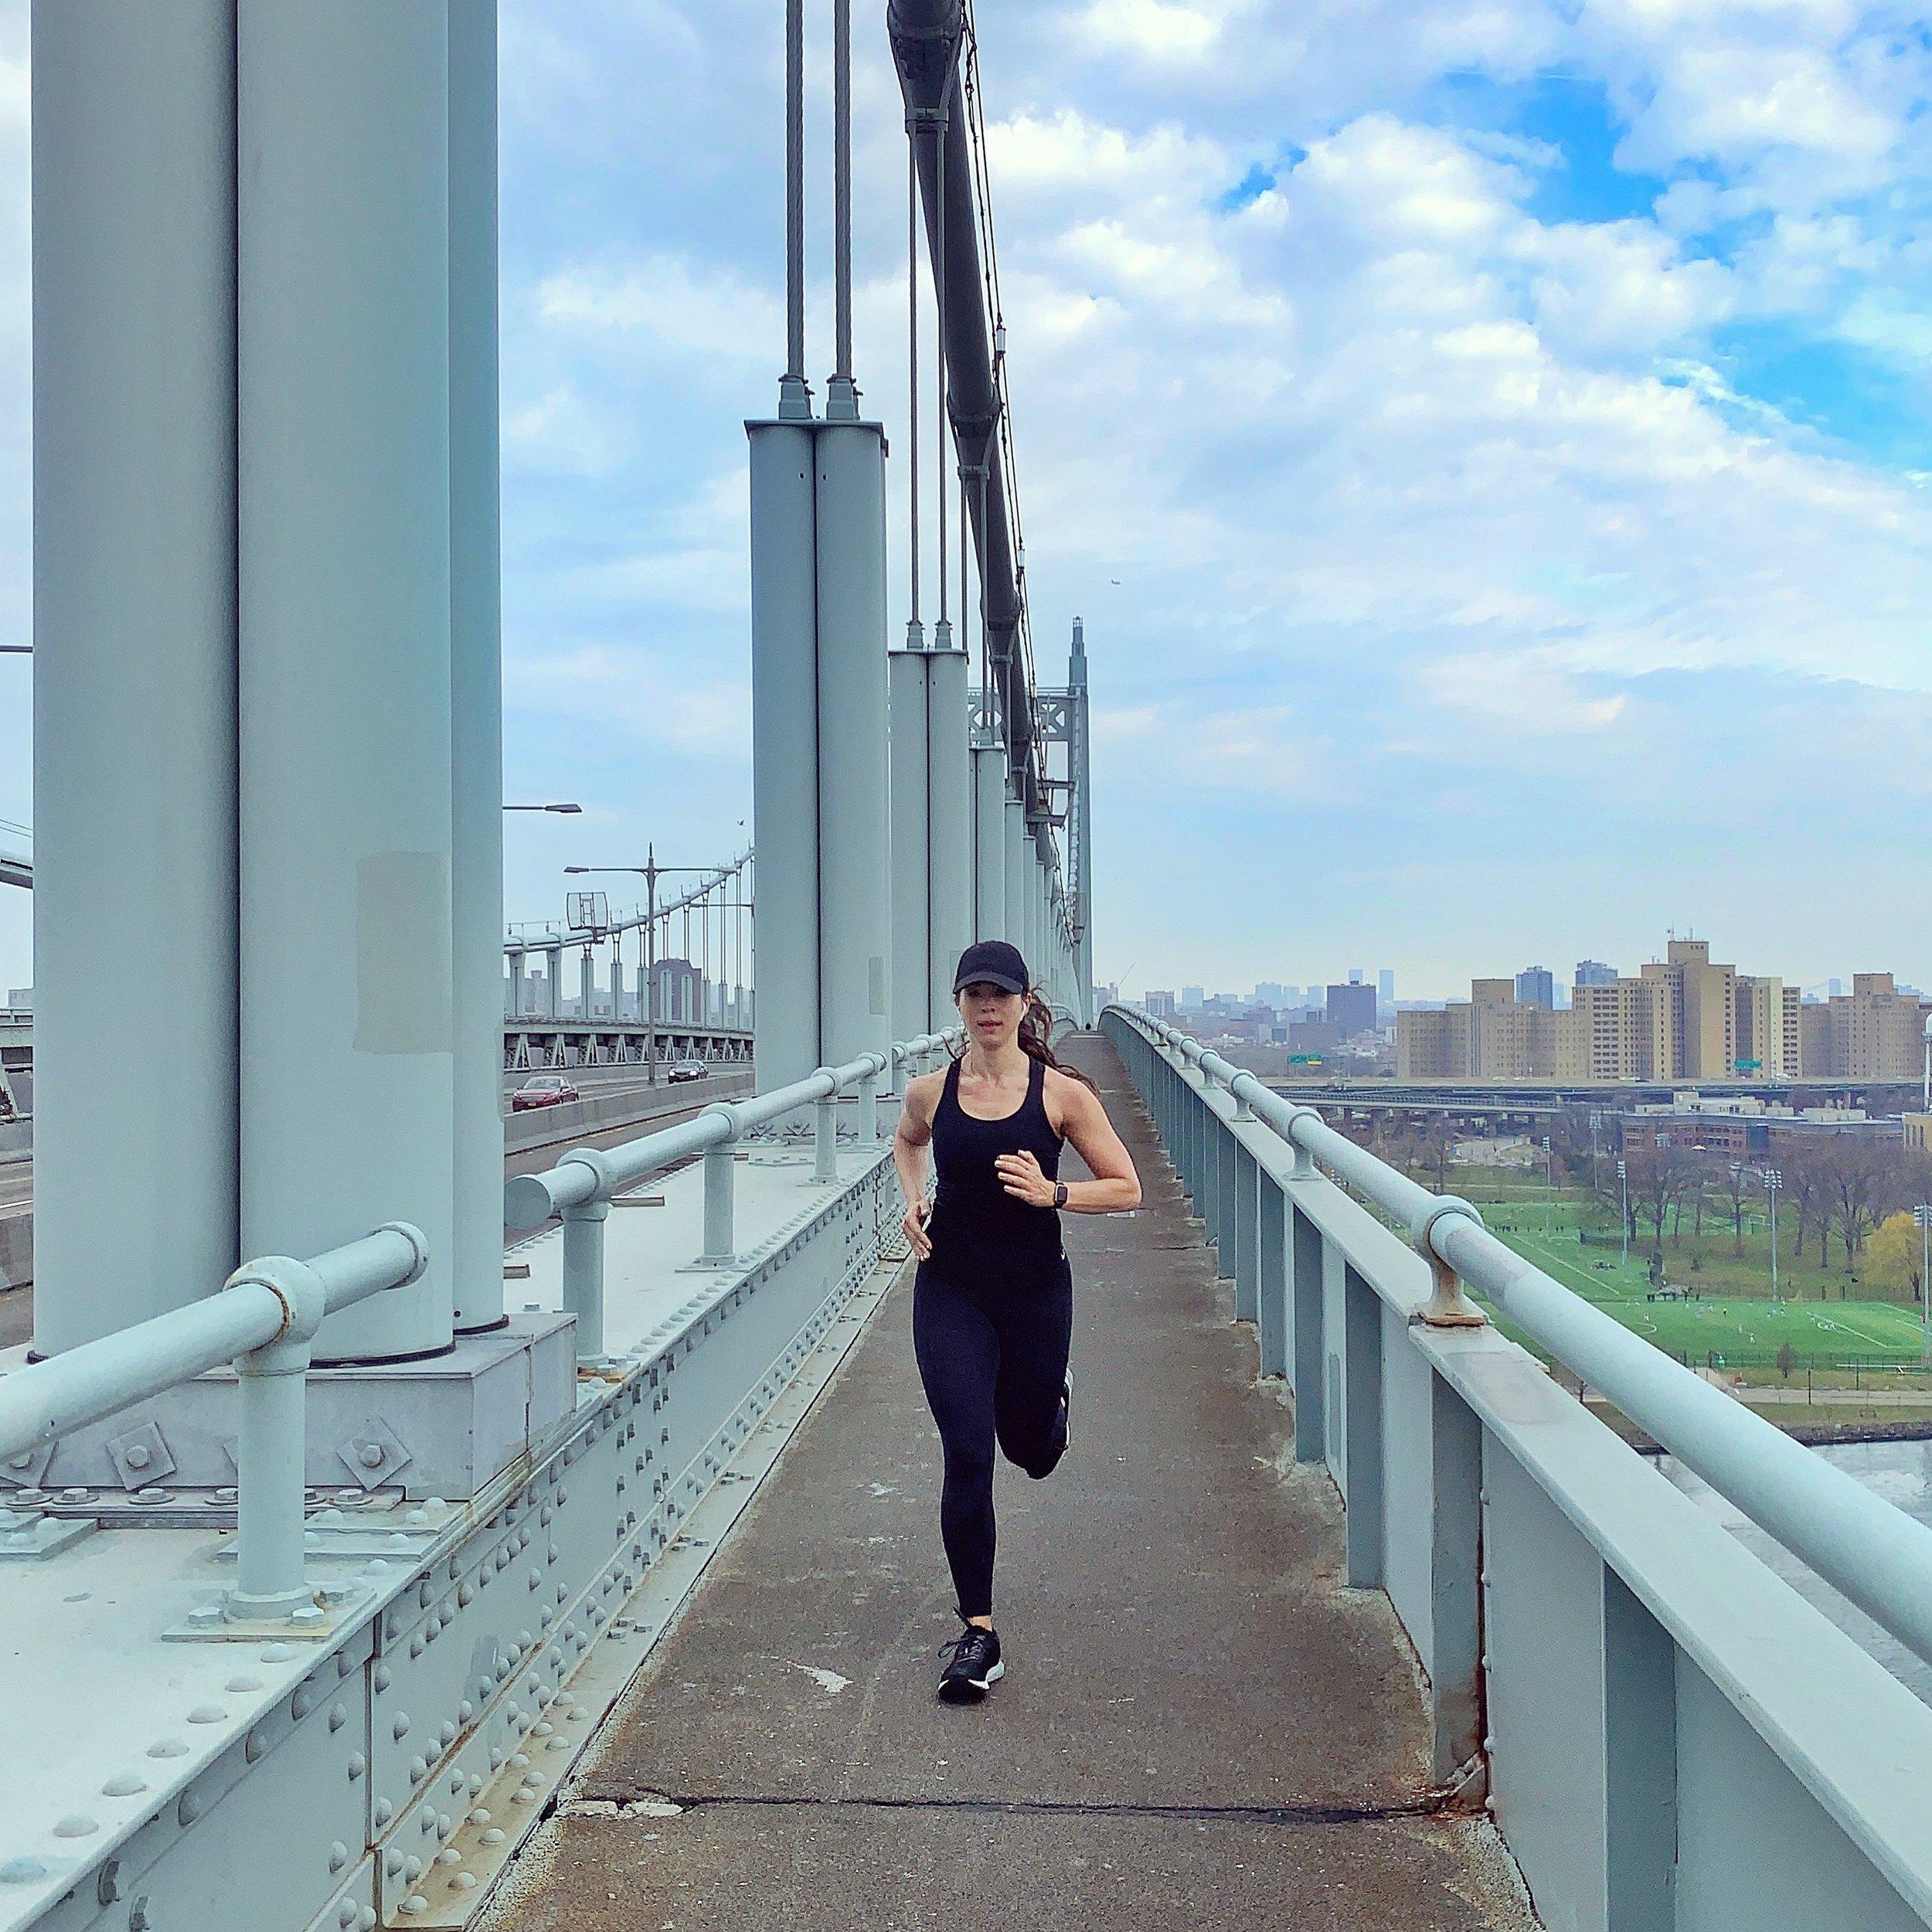 Emily_Running